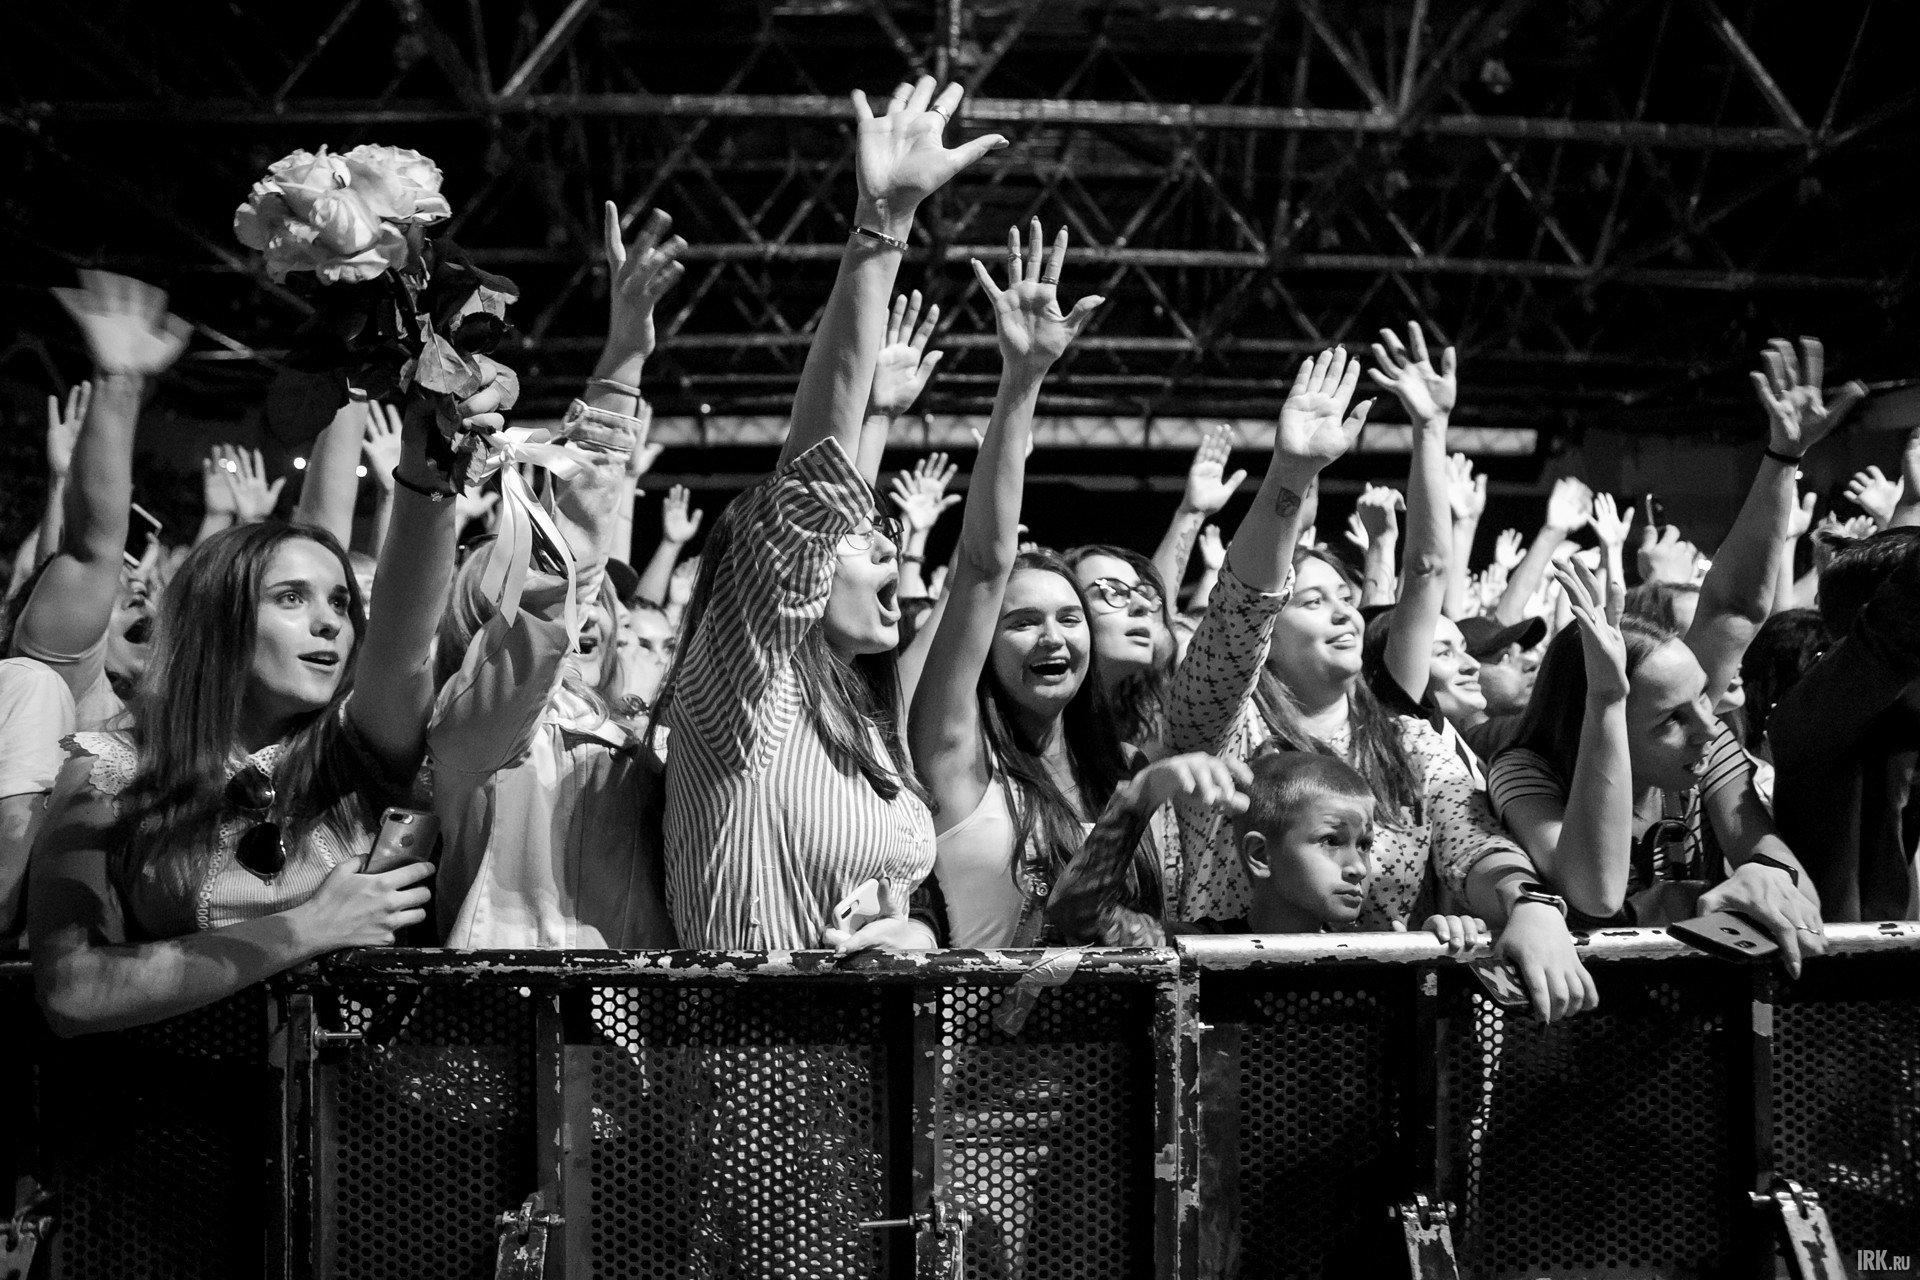 Концерт Басты, июнь 2019 года. Фото - Анастасия Влади